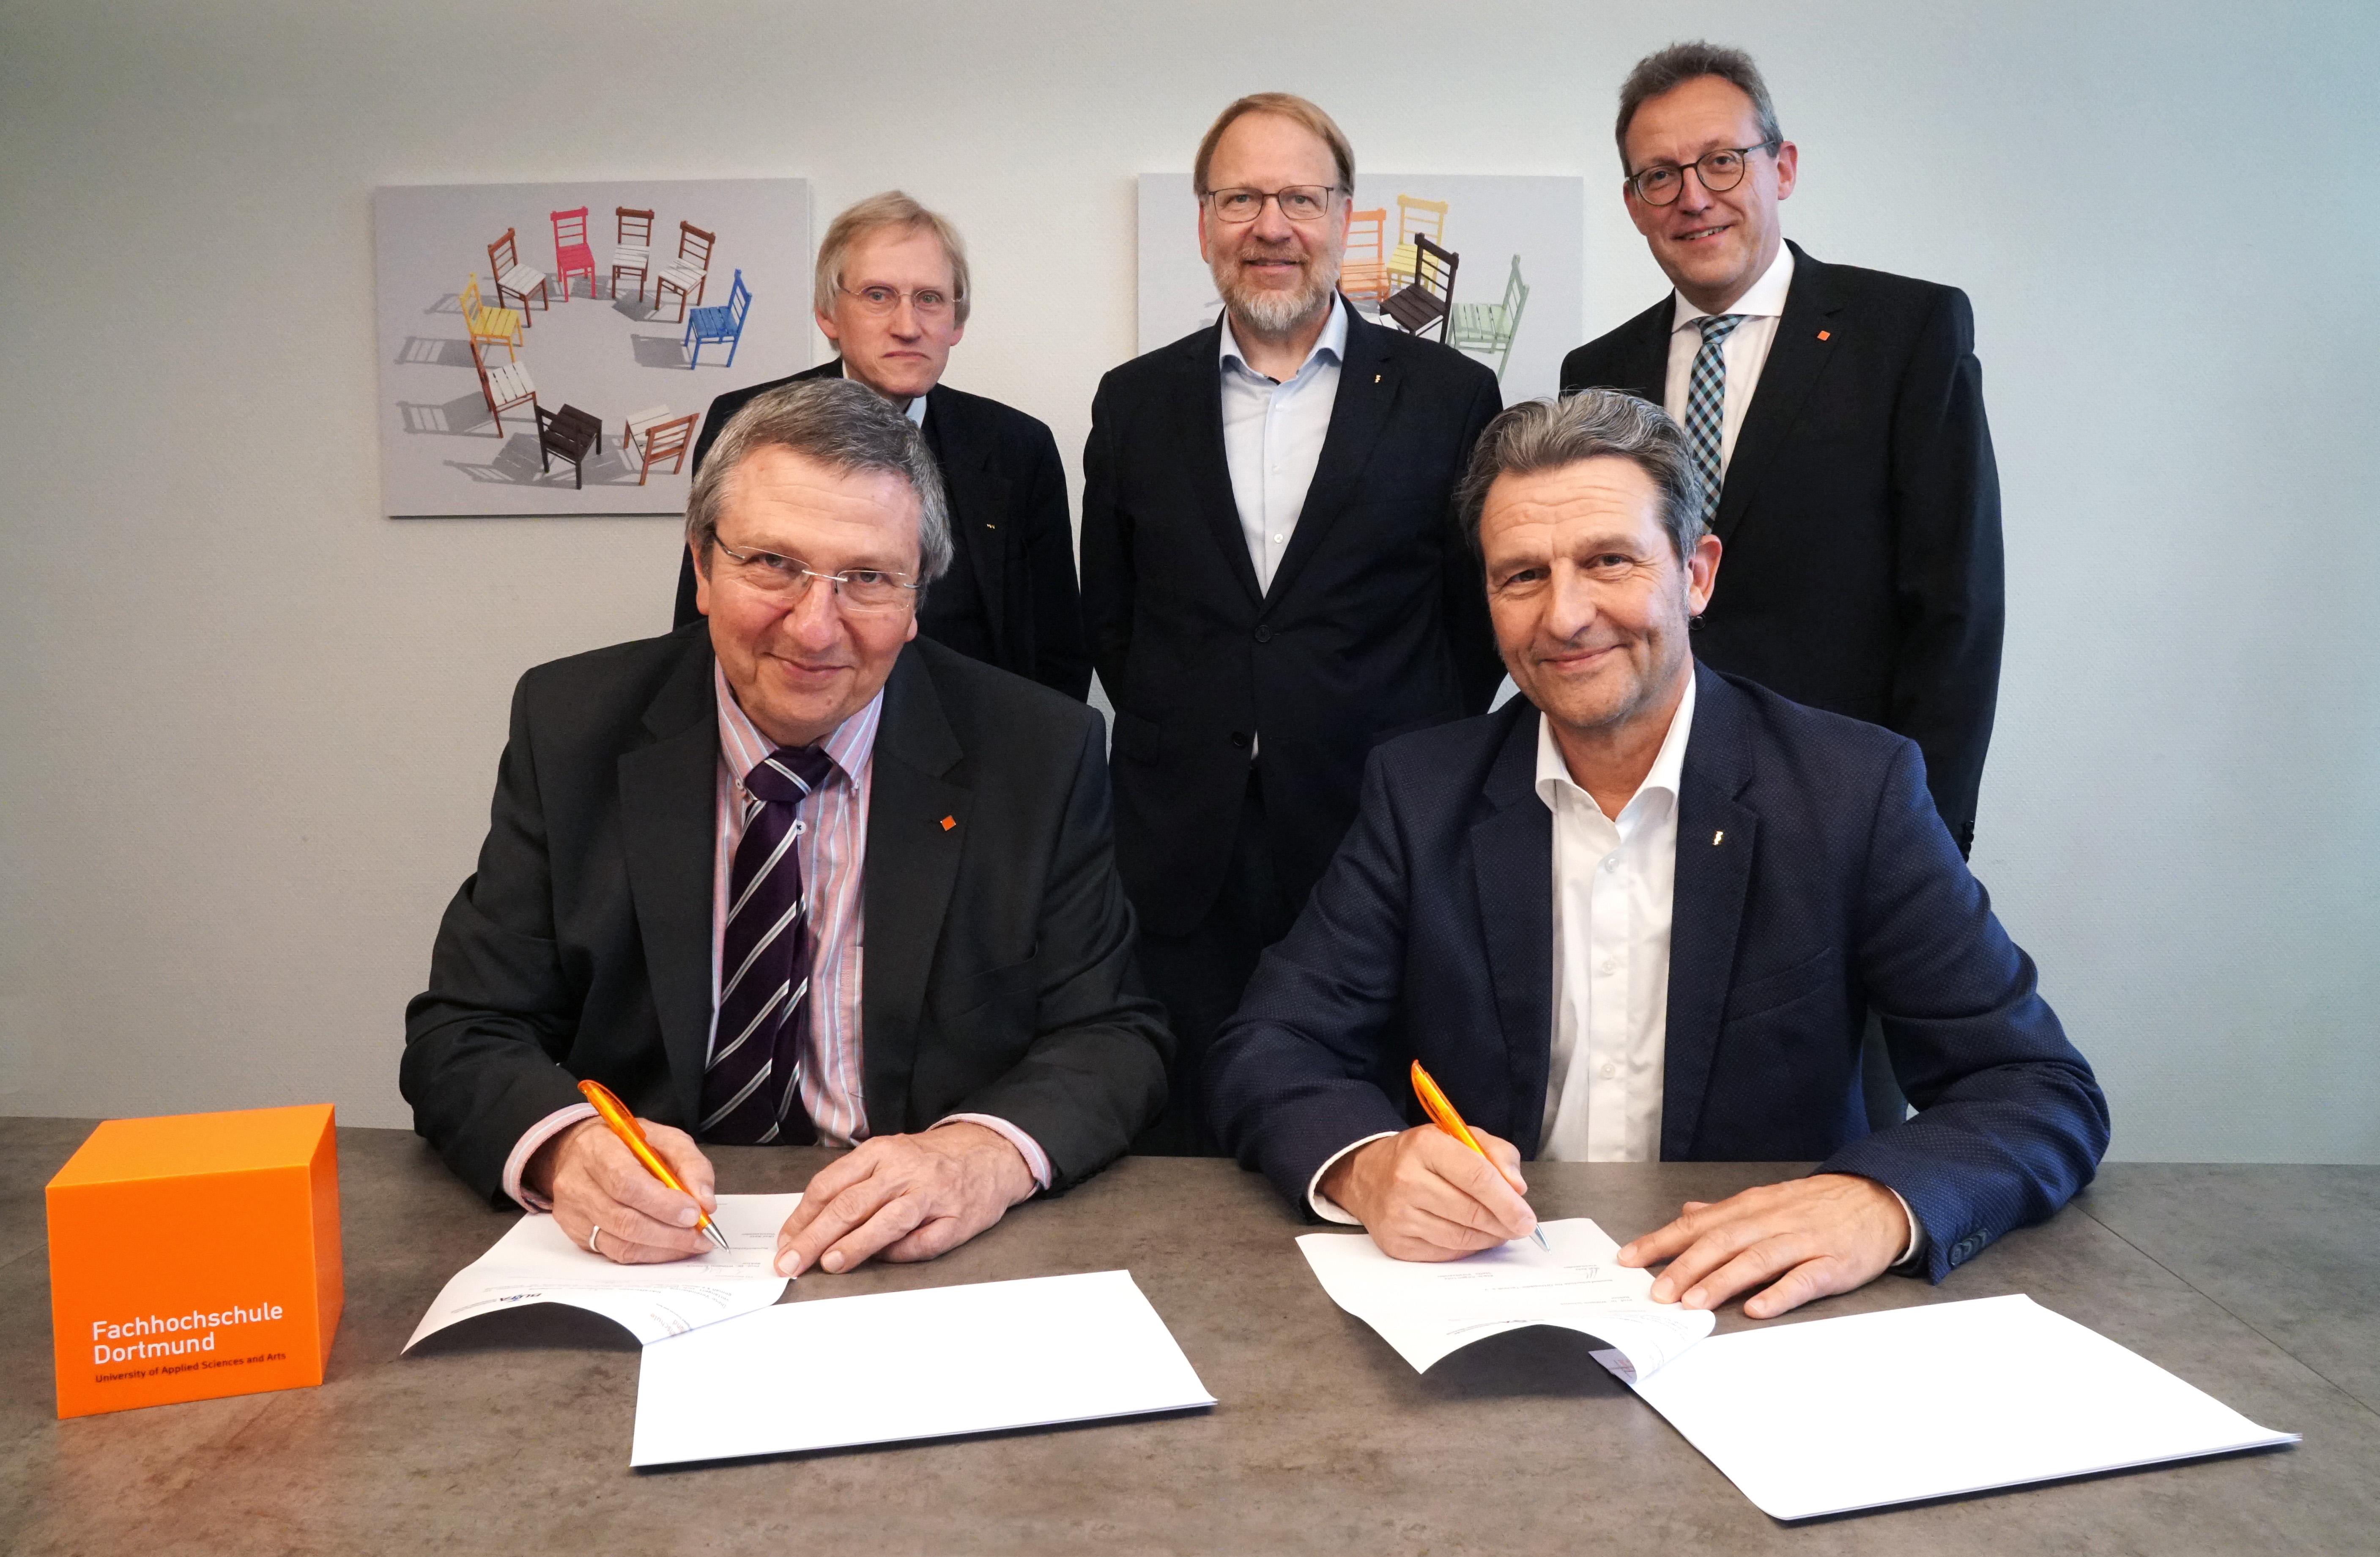 FH Dortmund: An-Institut für Orthopädie- und Rehabilitationstechnik